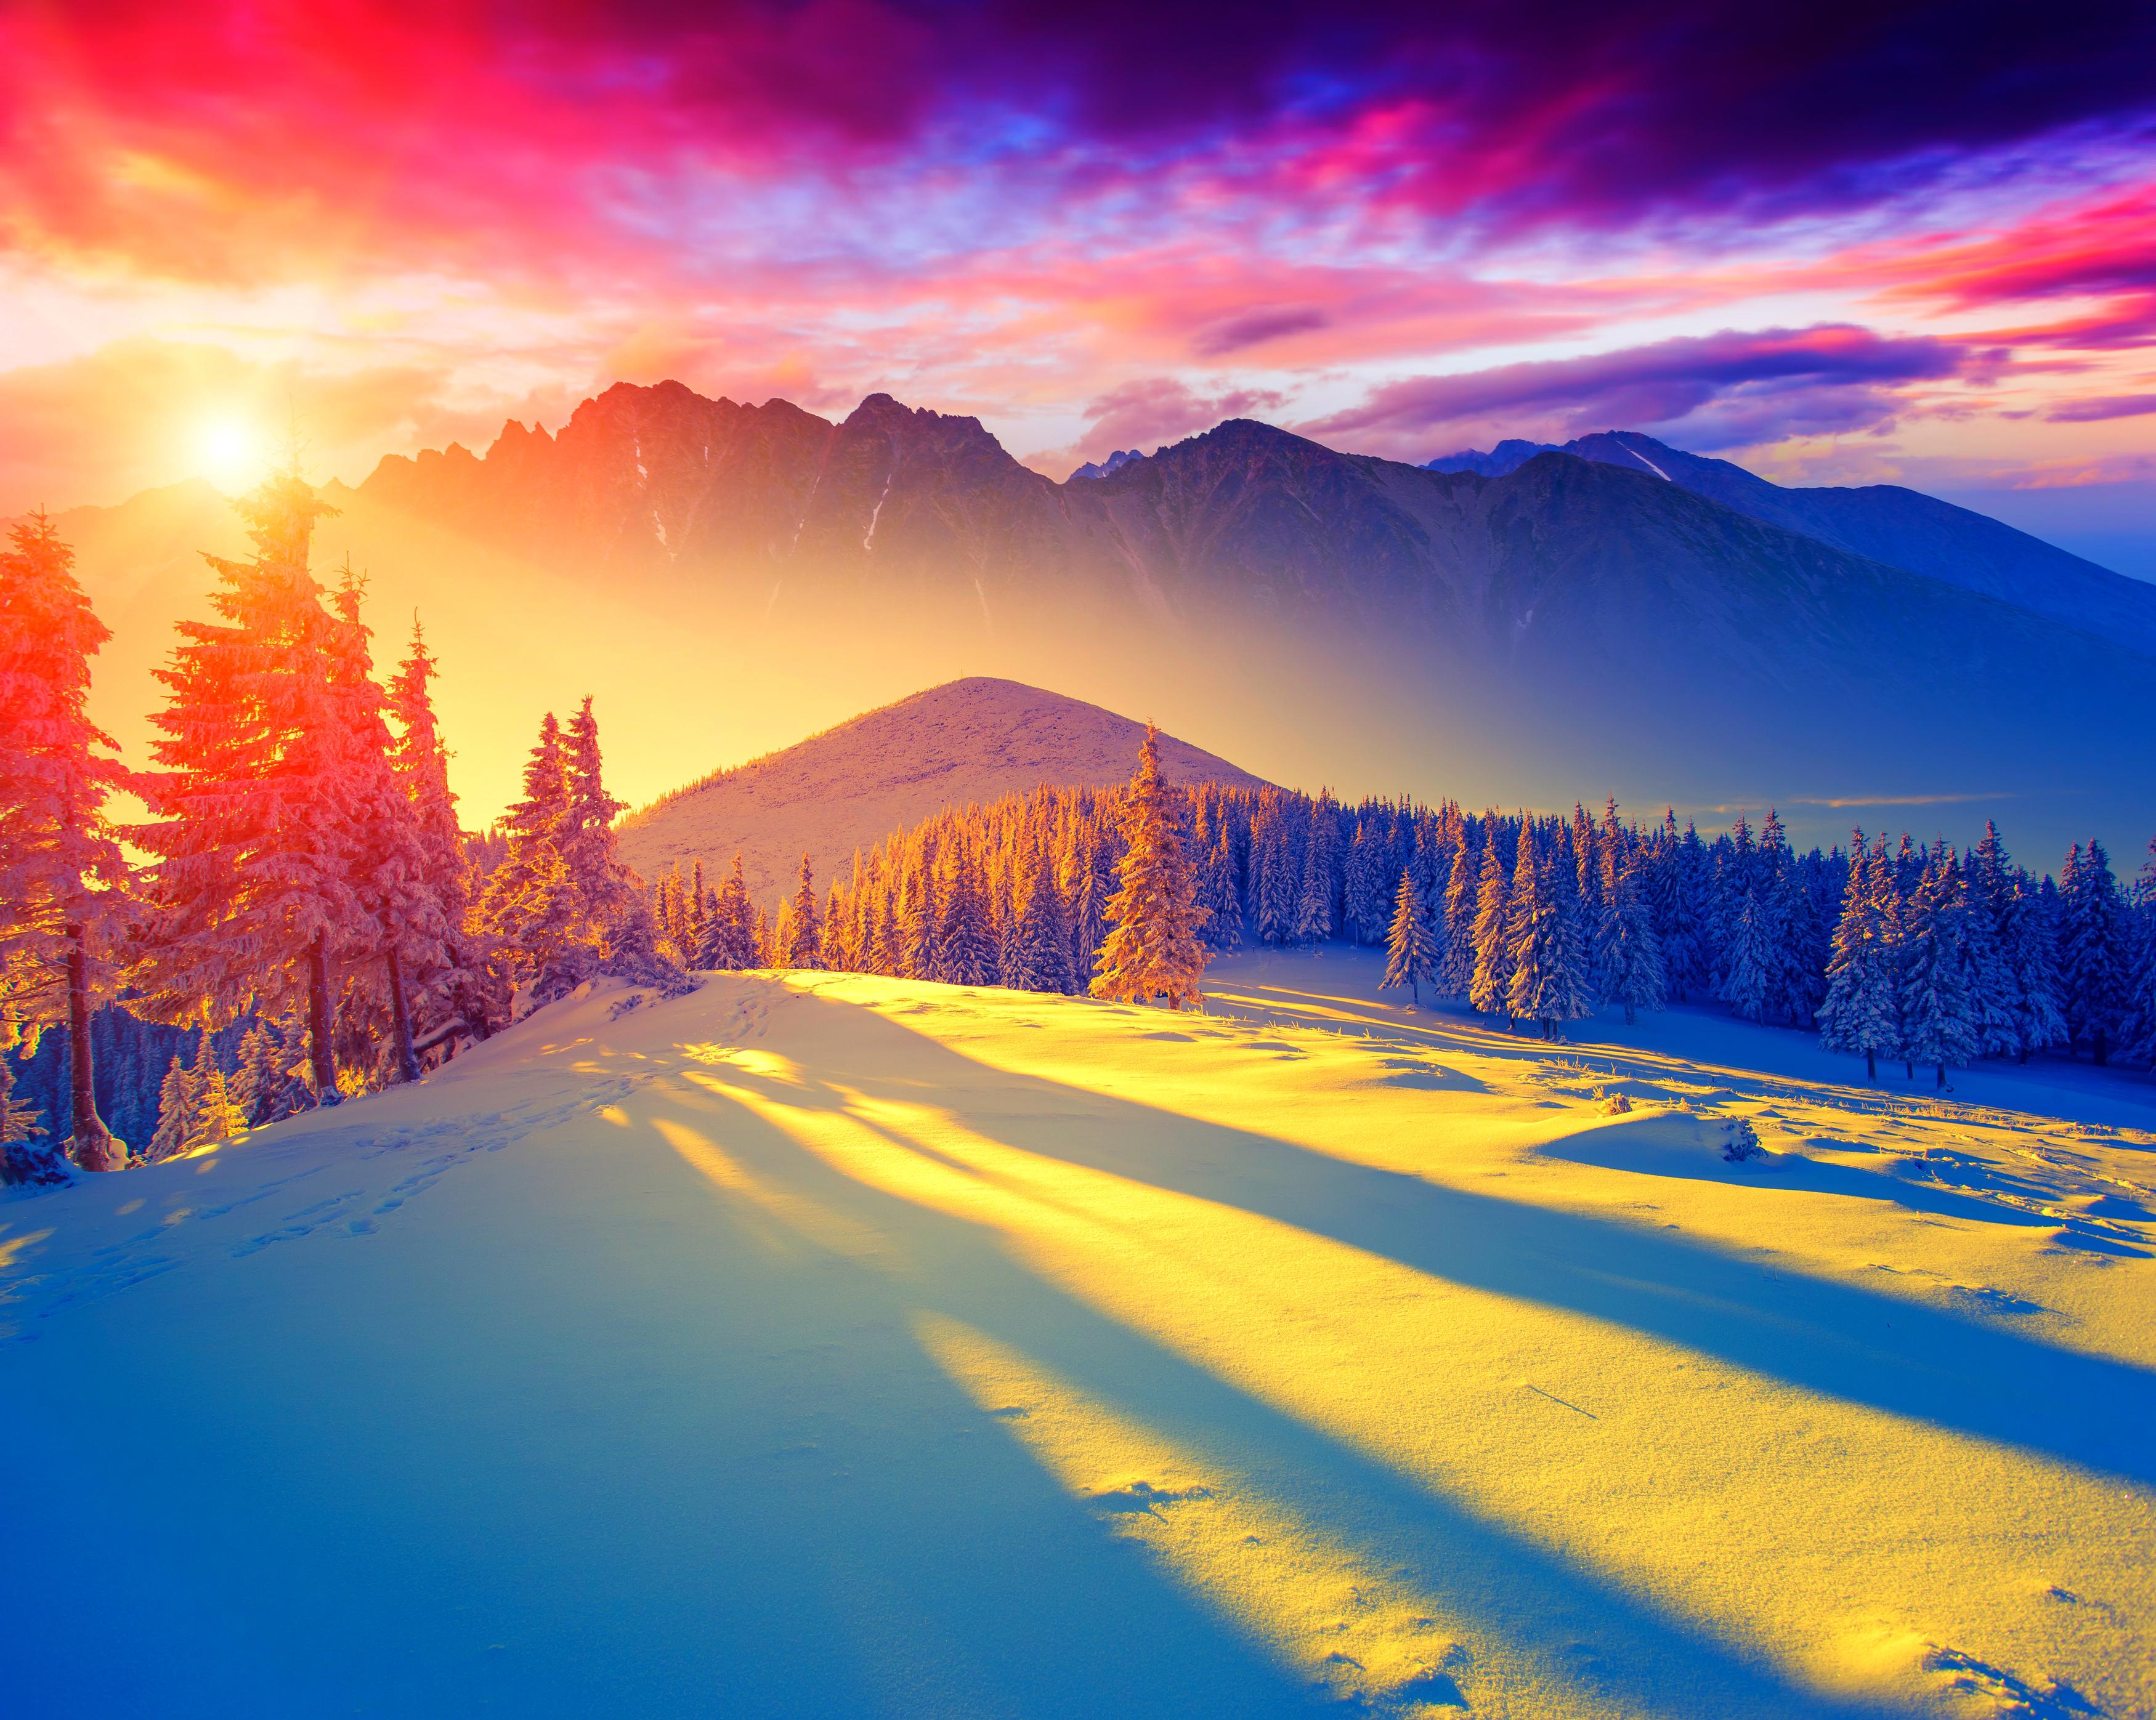 ели, горы, солнце загрузить